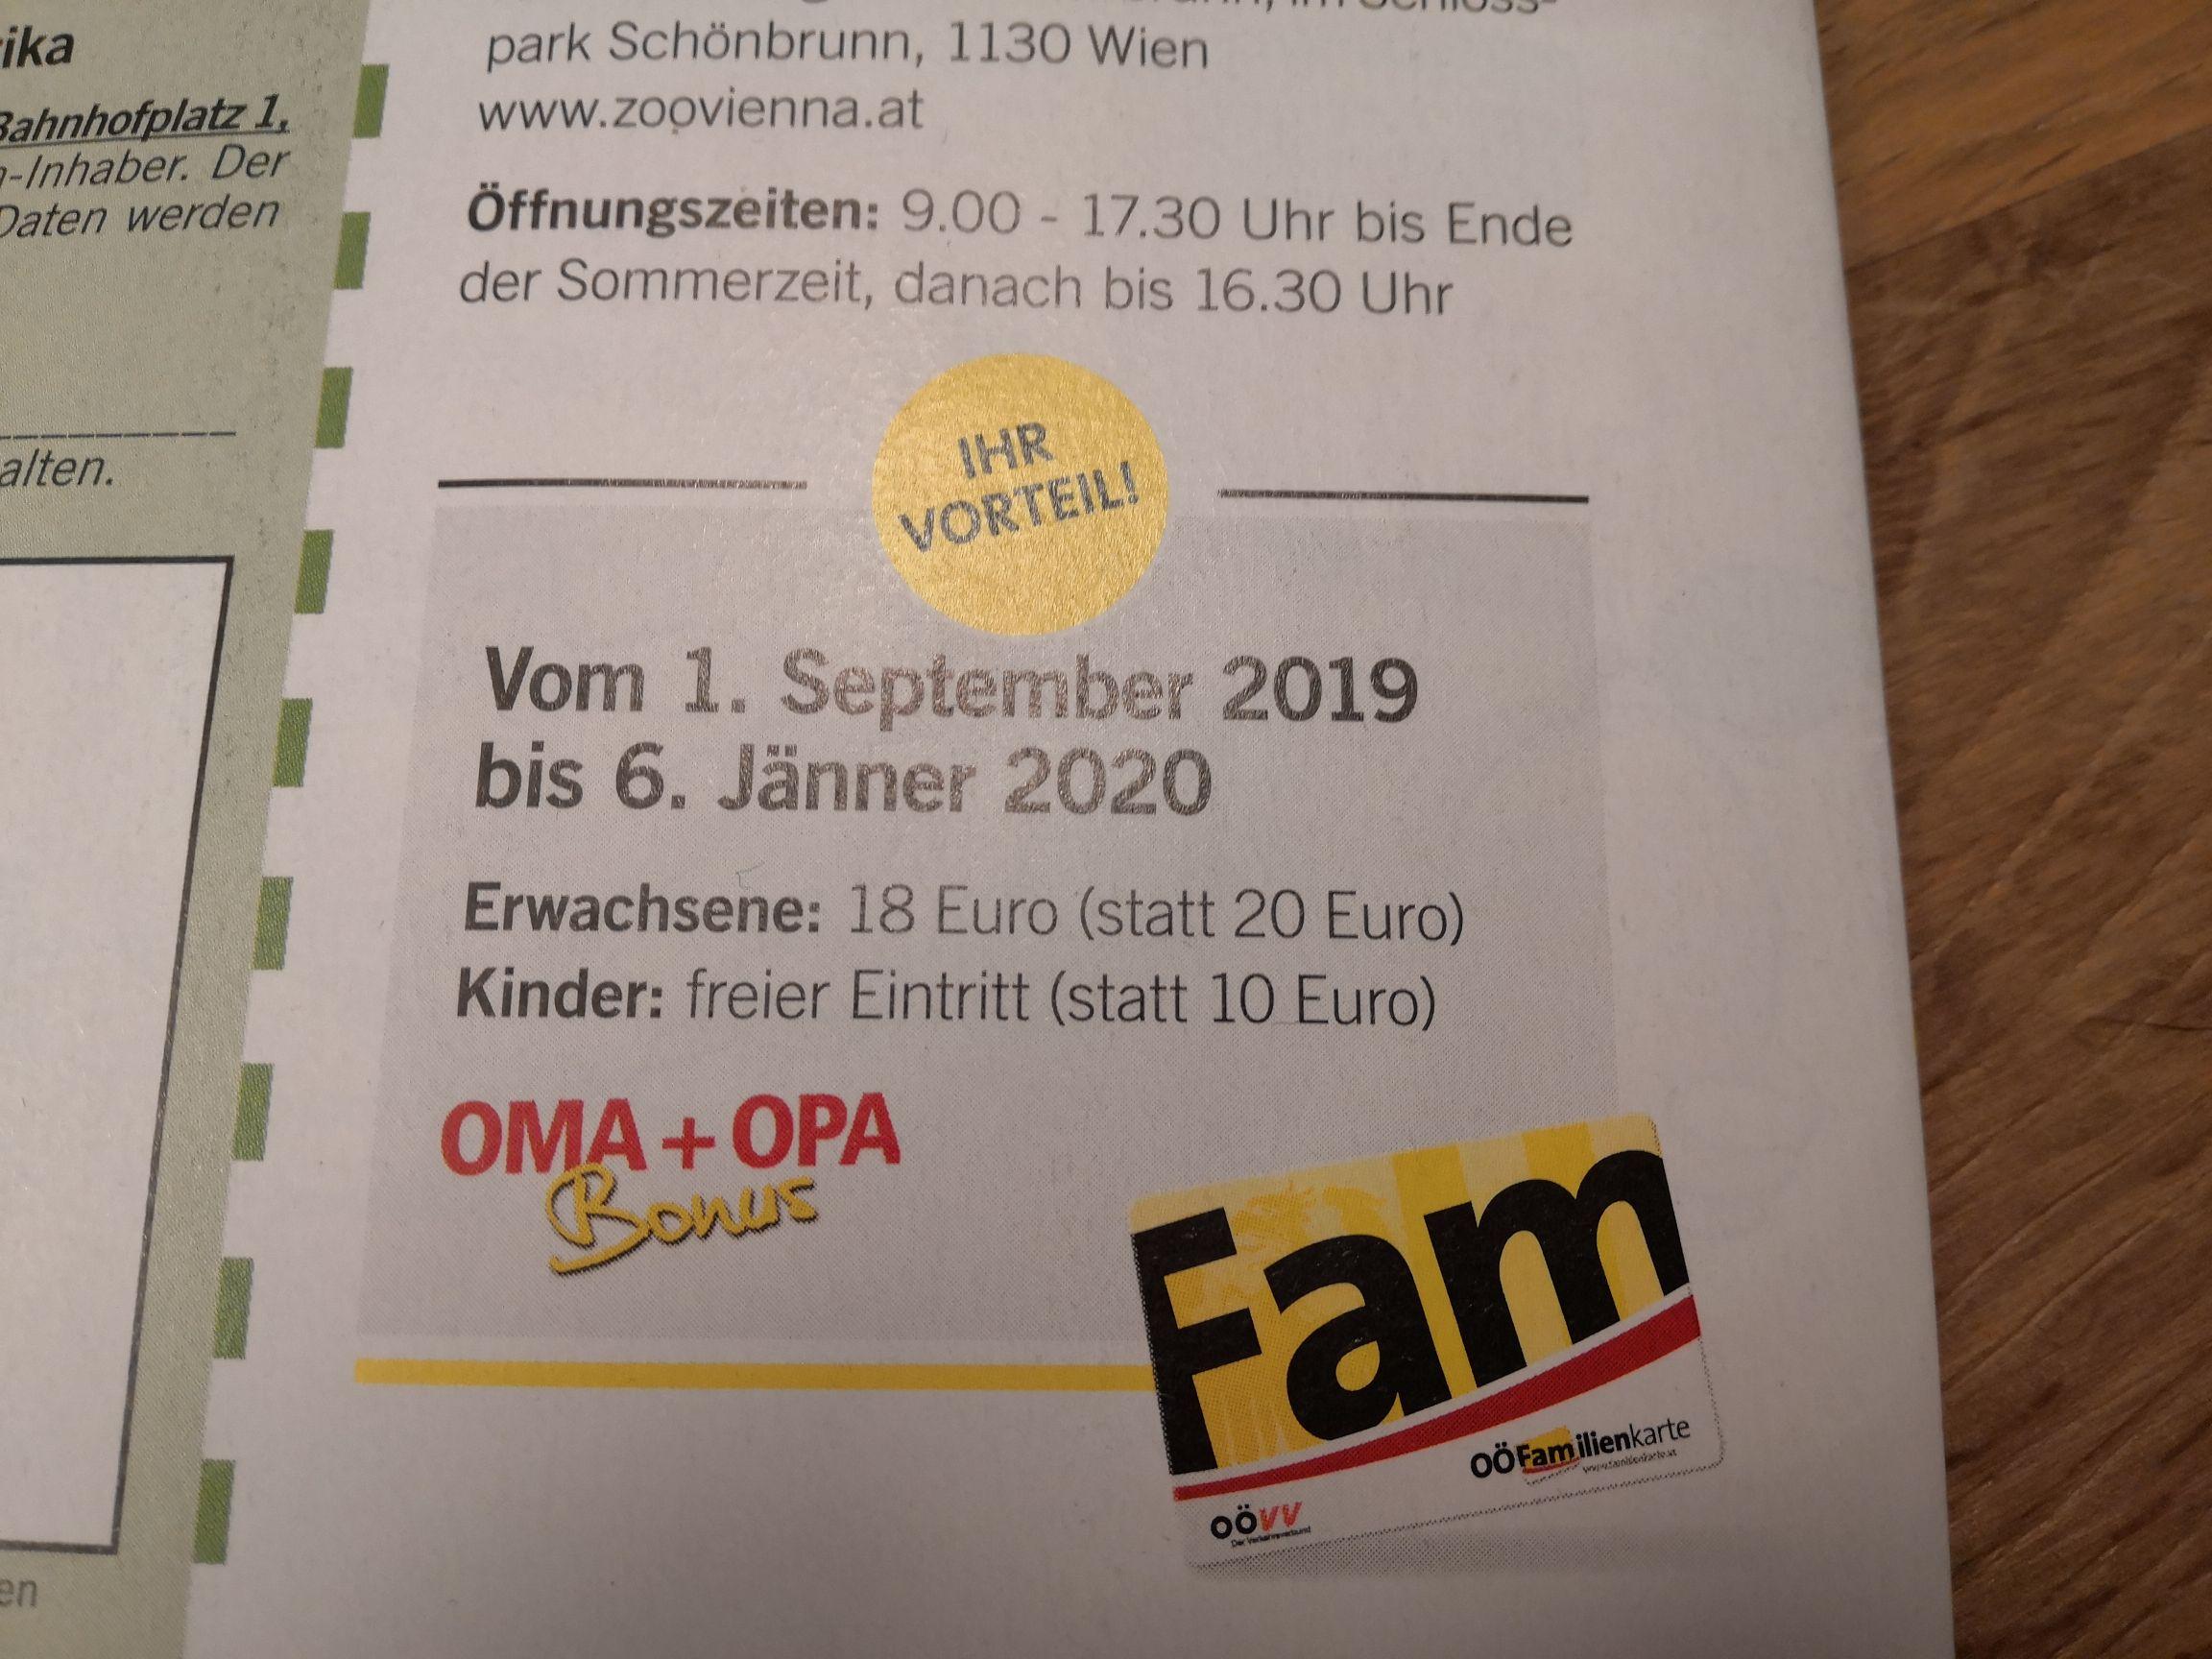 Zoo Schönbrunn: freier Eintritt für Kinder mit der OÖ-Familienkarte